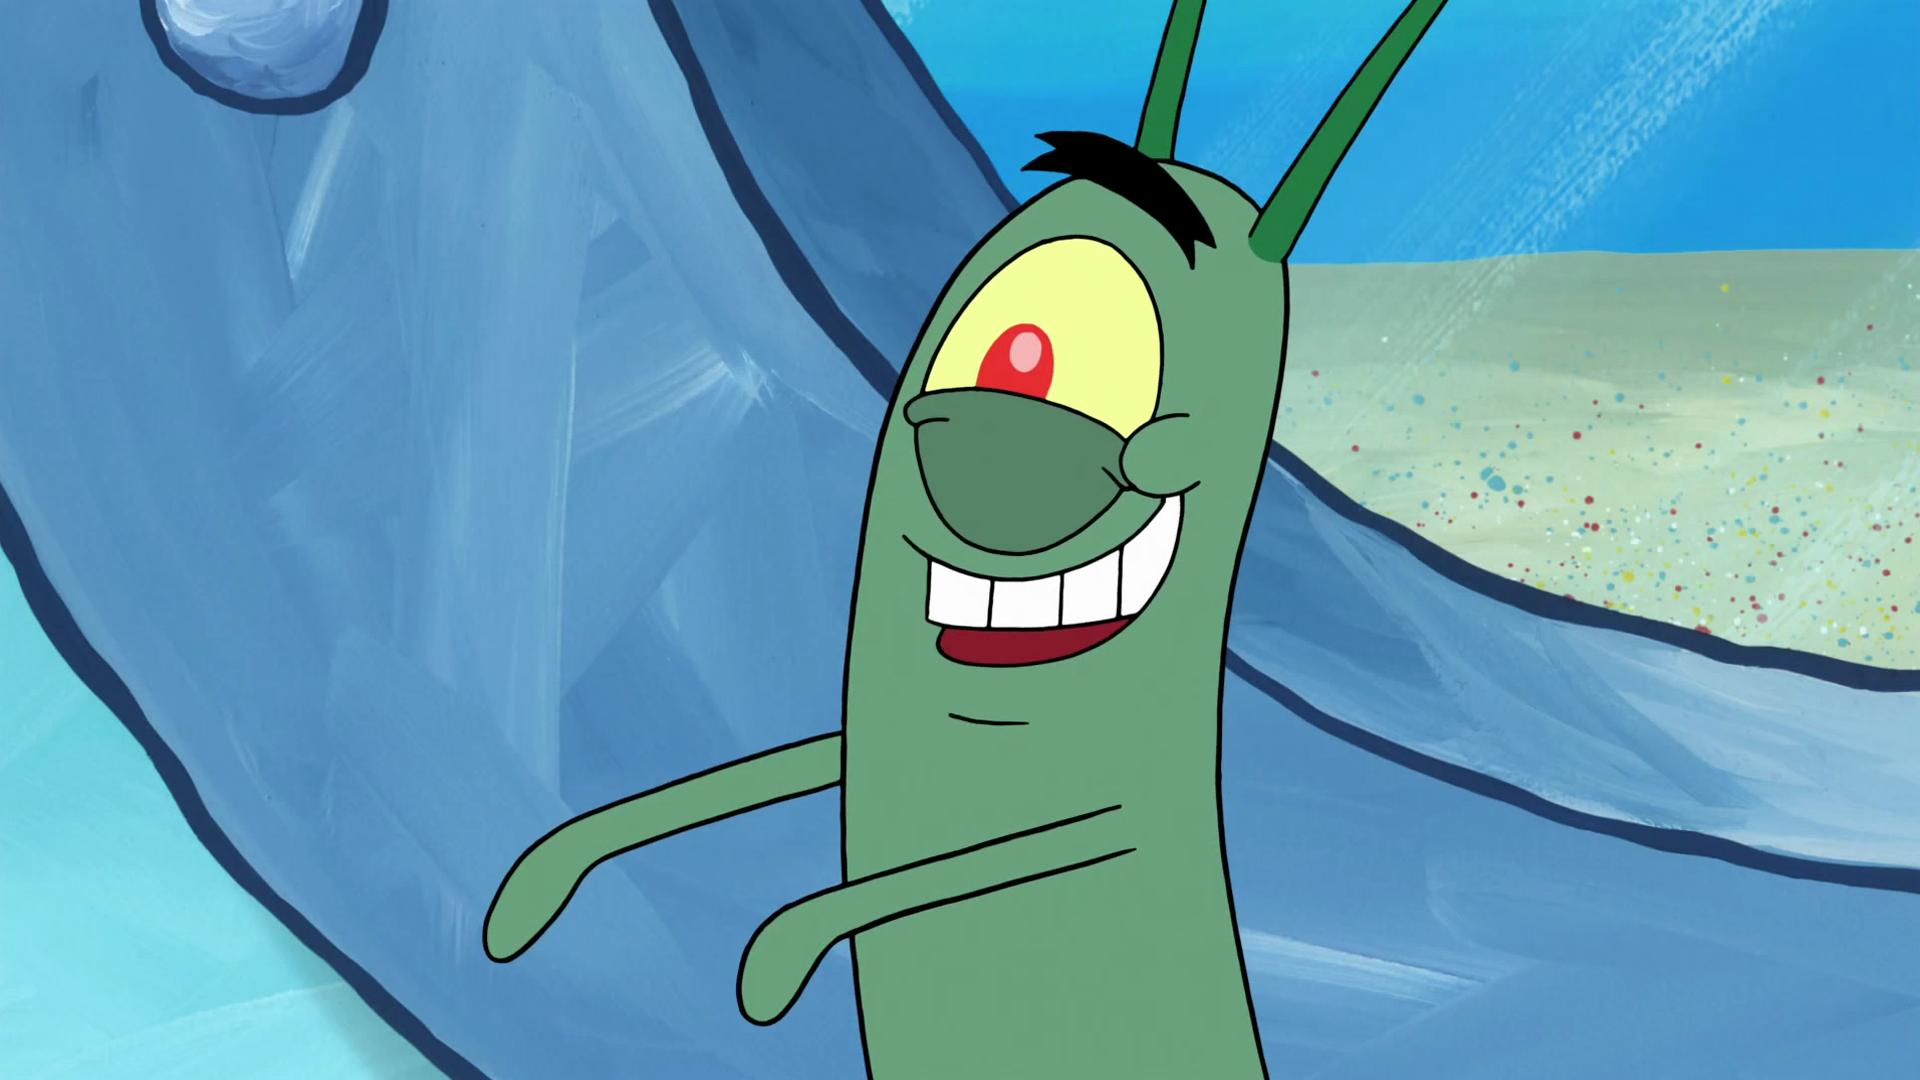 Plankton From Spongebob Quotes. QuotesGram